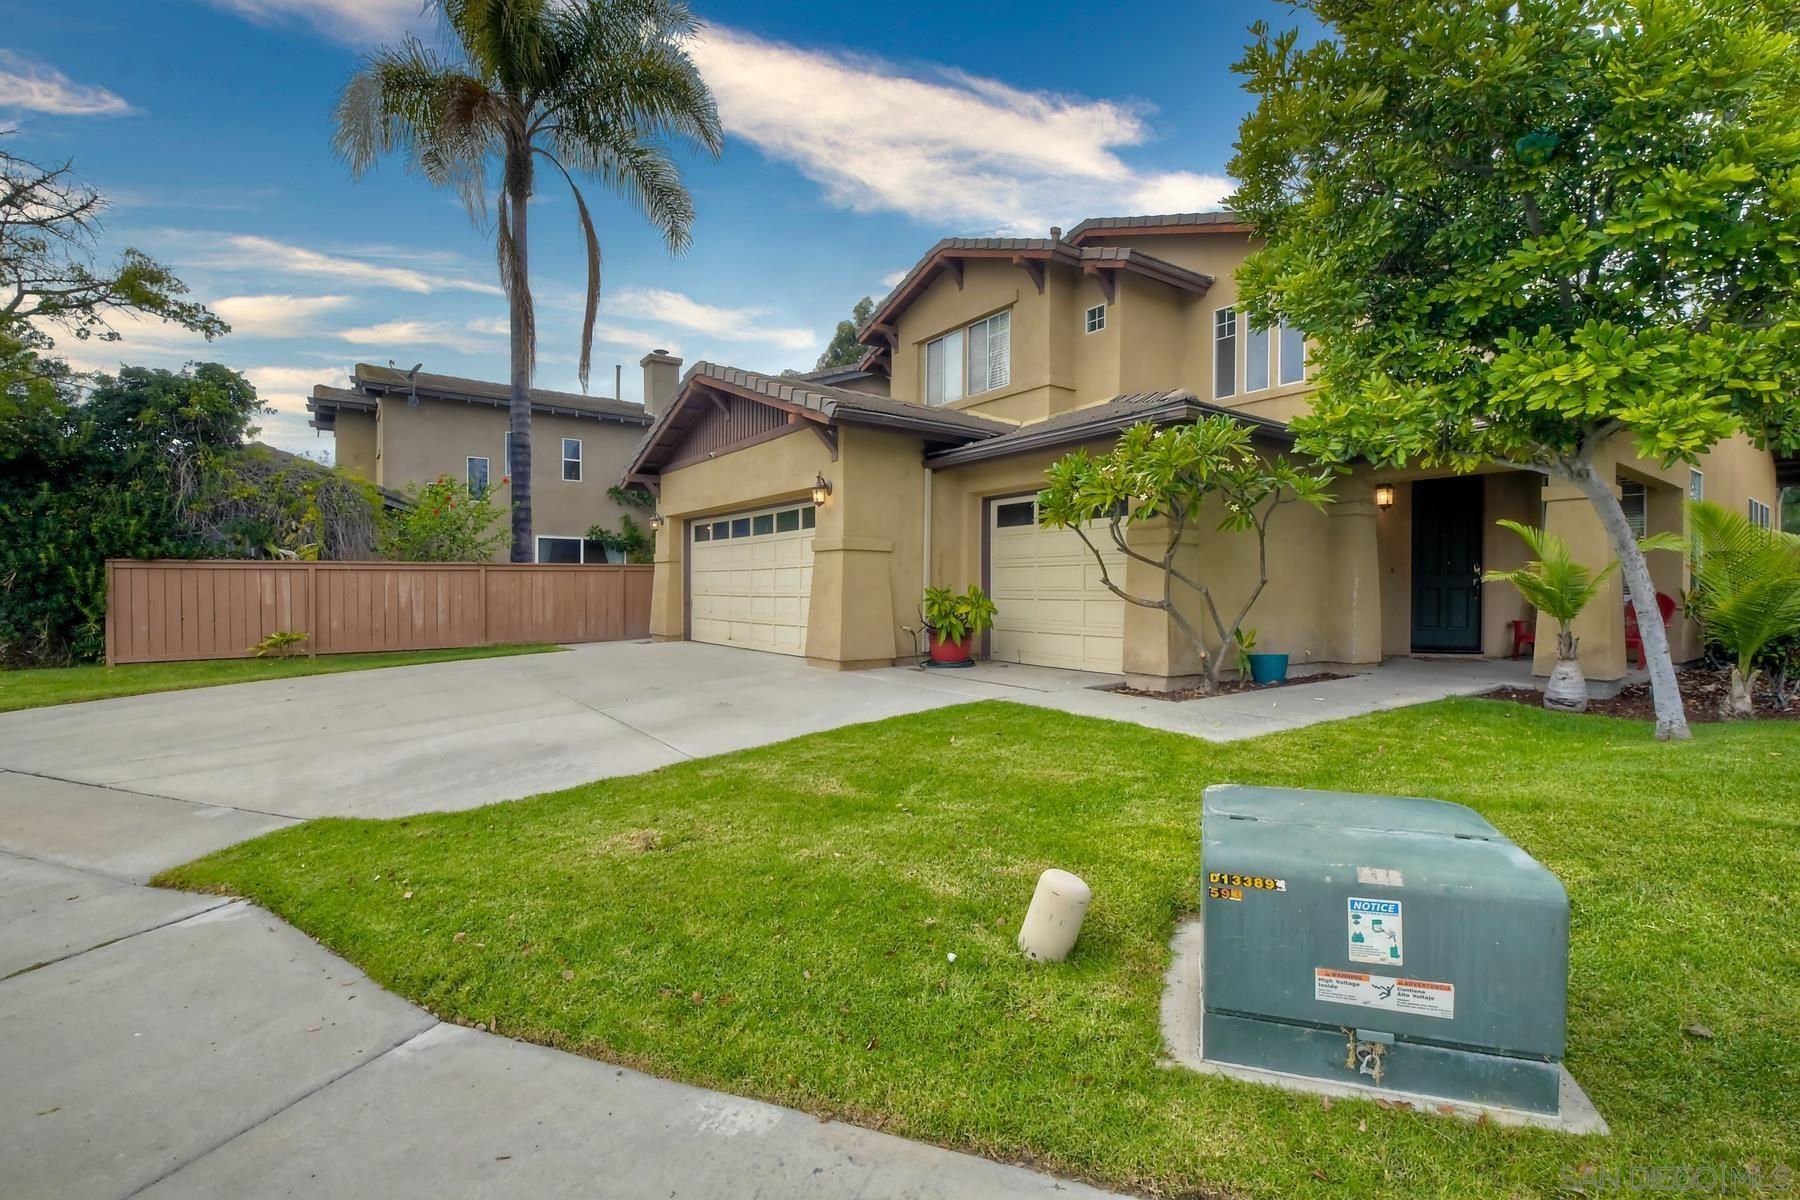 Photo of 2631 Flagstaff, Chula Vista, CA 91914 (MLS # 210029539)